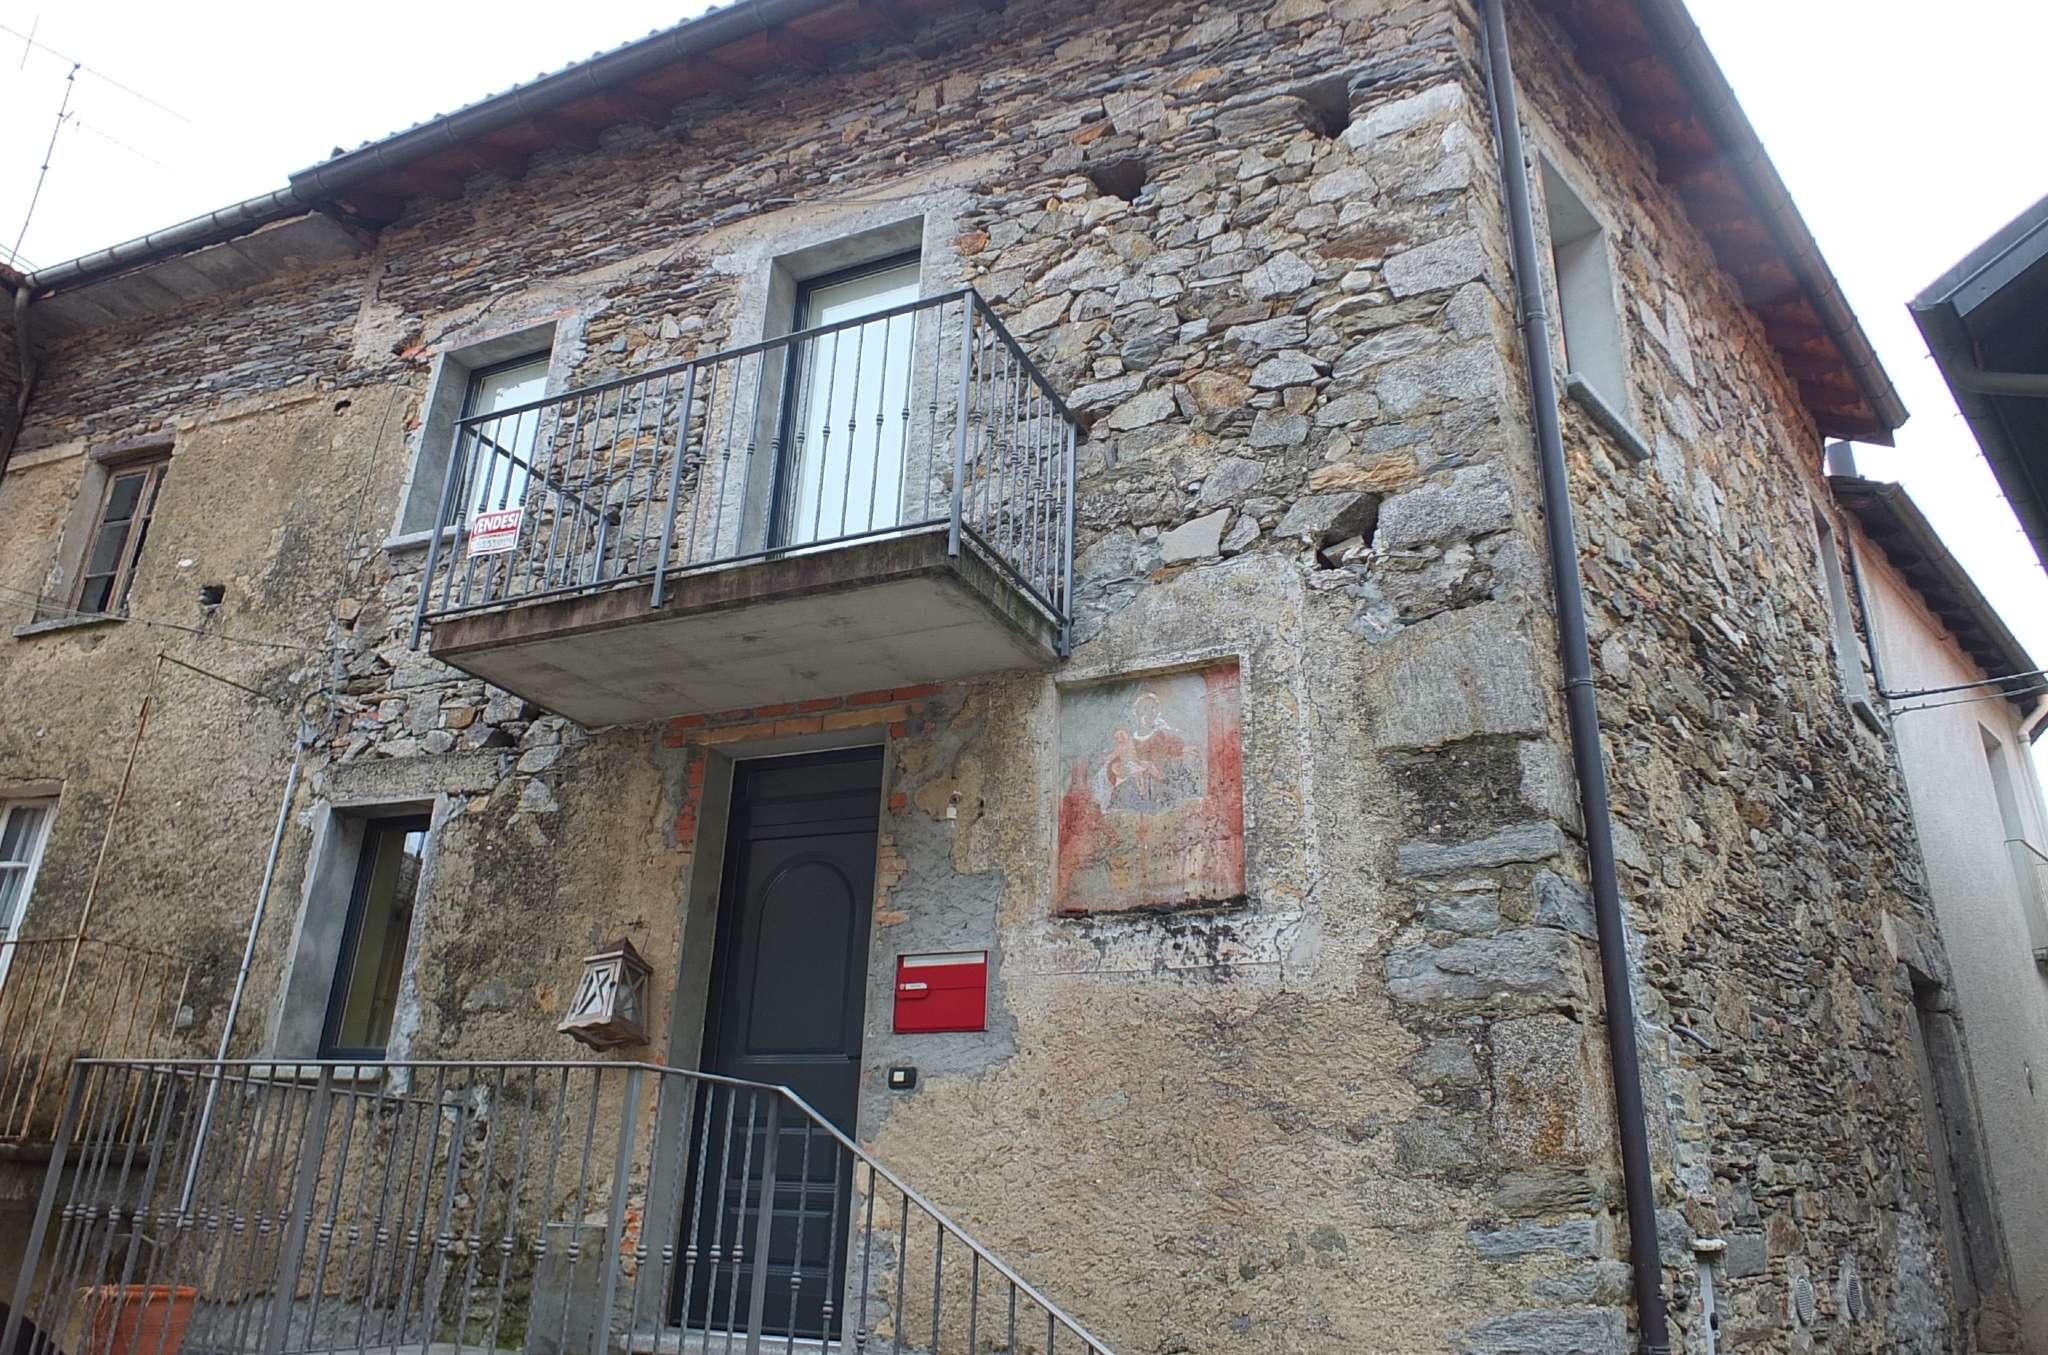 Soluzione Semindipendente in vendita a Maccagno con Pino e Veddasca, 6 locali, prezzo € 140.000   CambioCasa.it